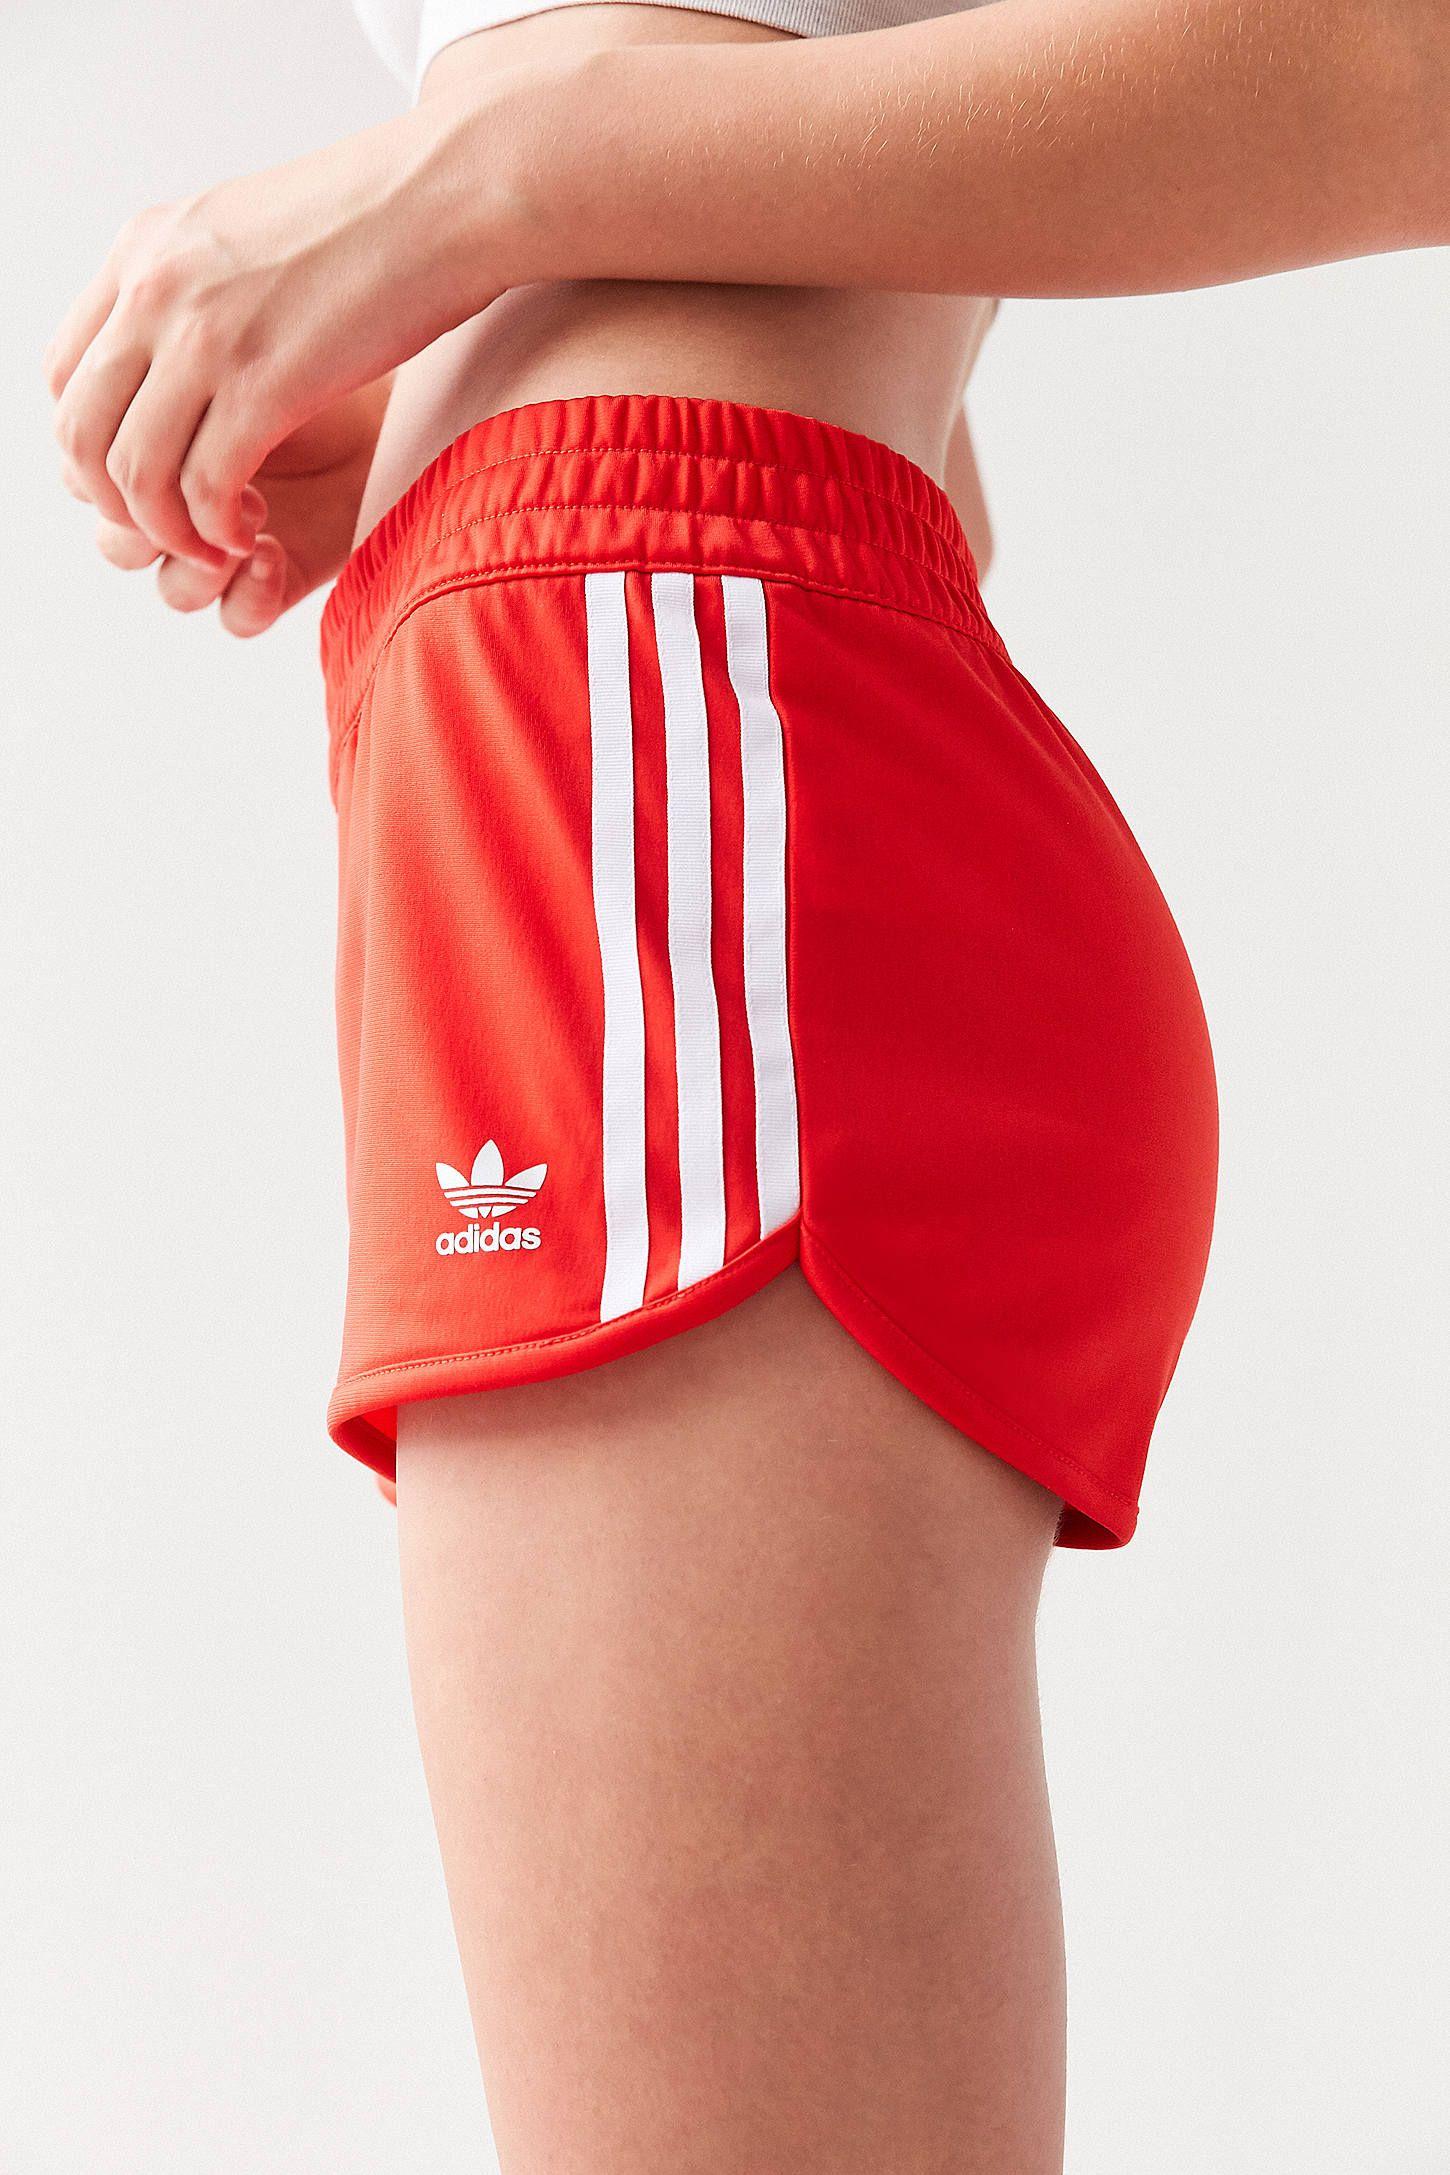 efb90f6a Slide View: 4: adidas Originals 3 Stripe Dolphin Short | Clothes ...